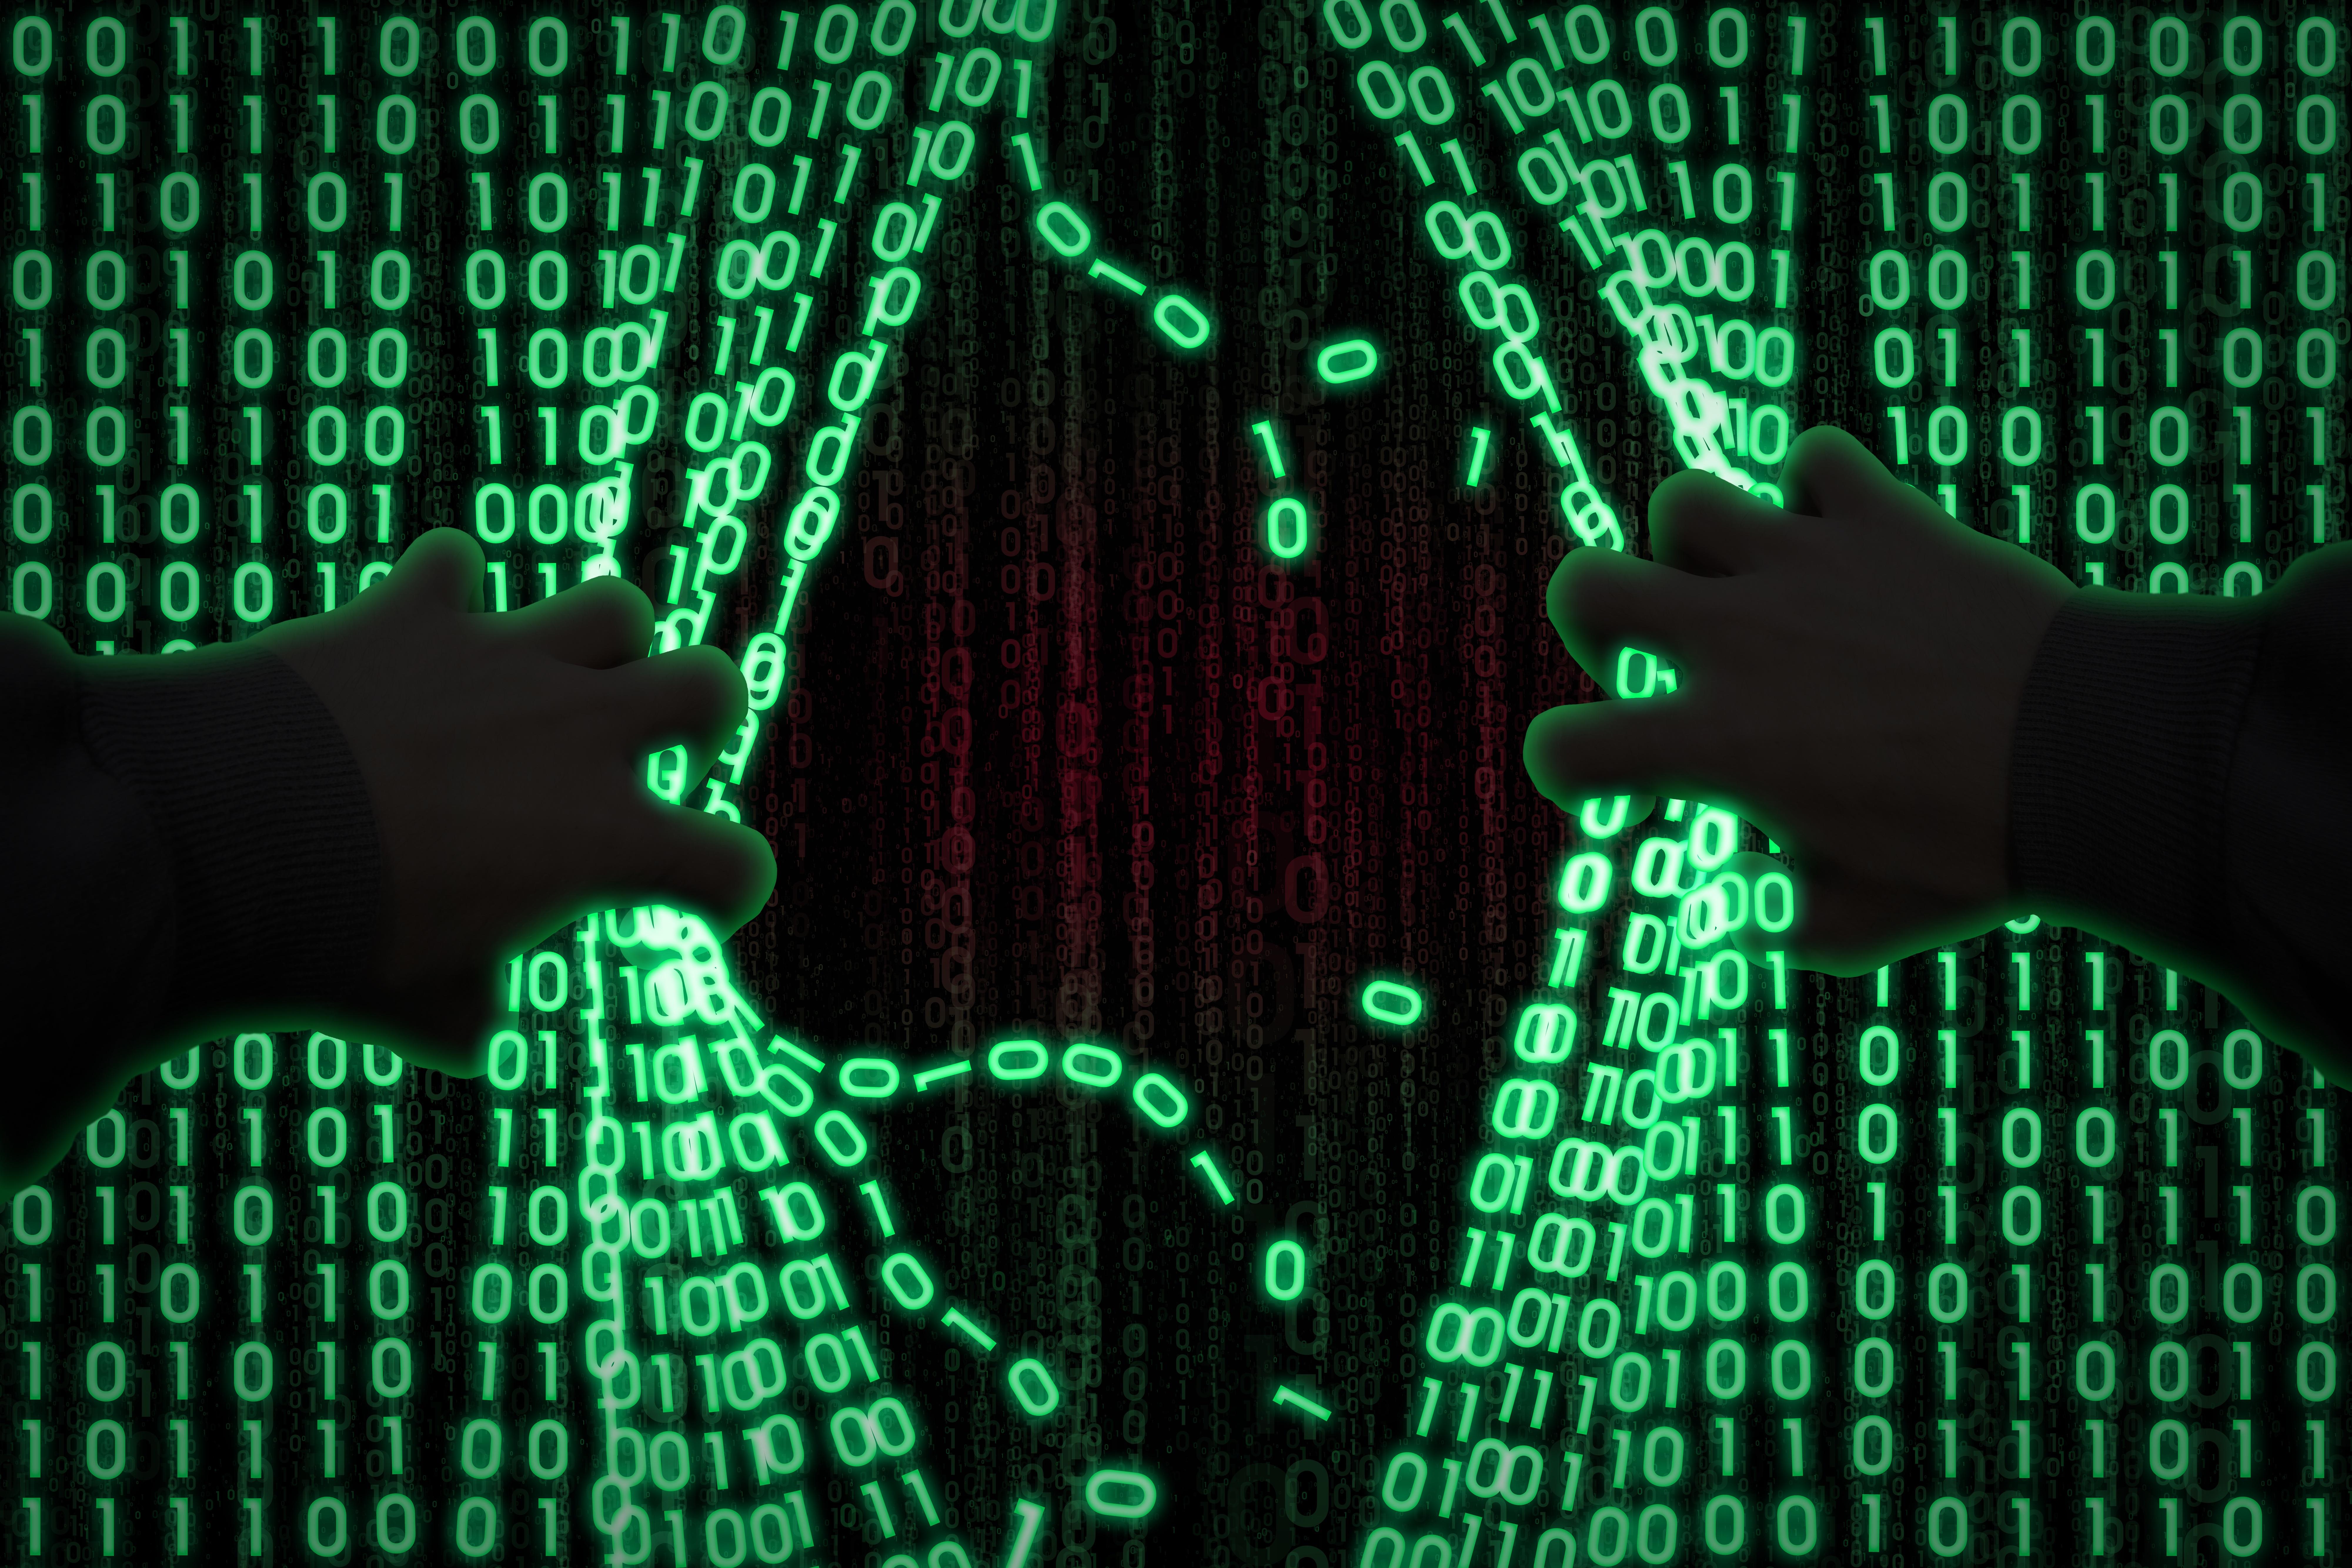 Beanpot_hacker_code-1